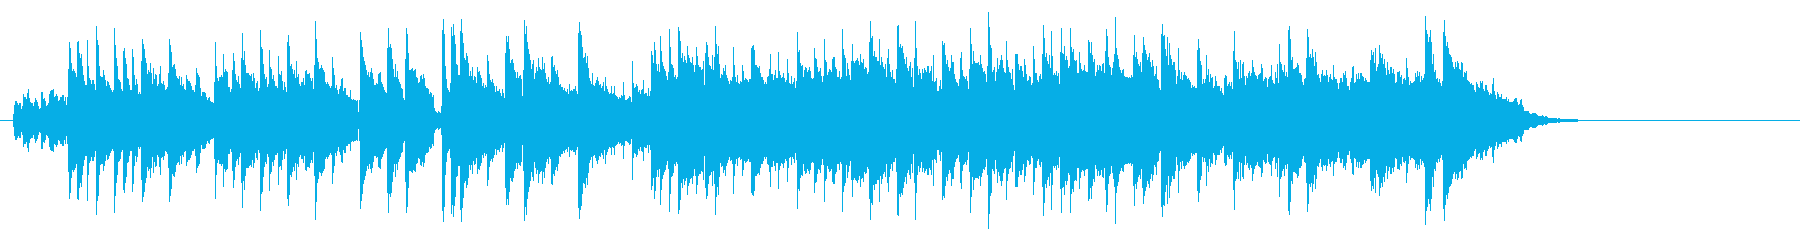 穏やかな朝の安らぎの情報向けポップBGの再生済みの波形